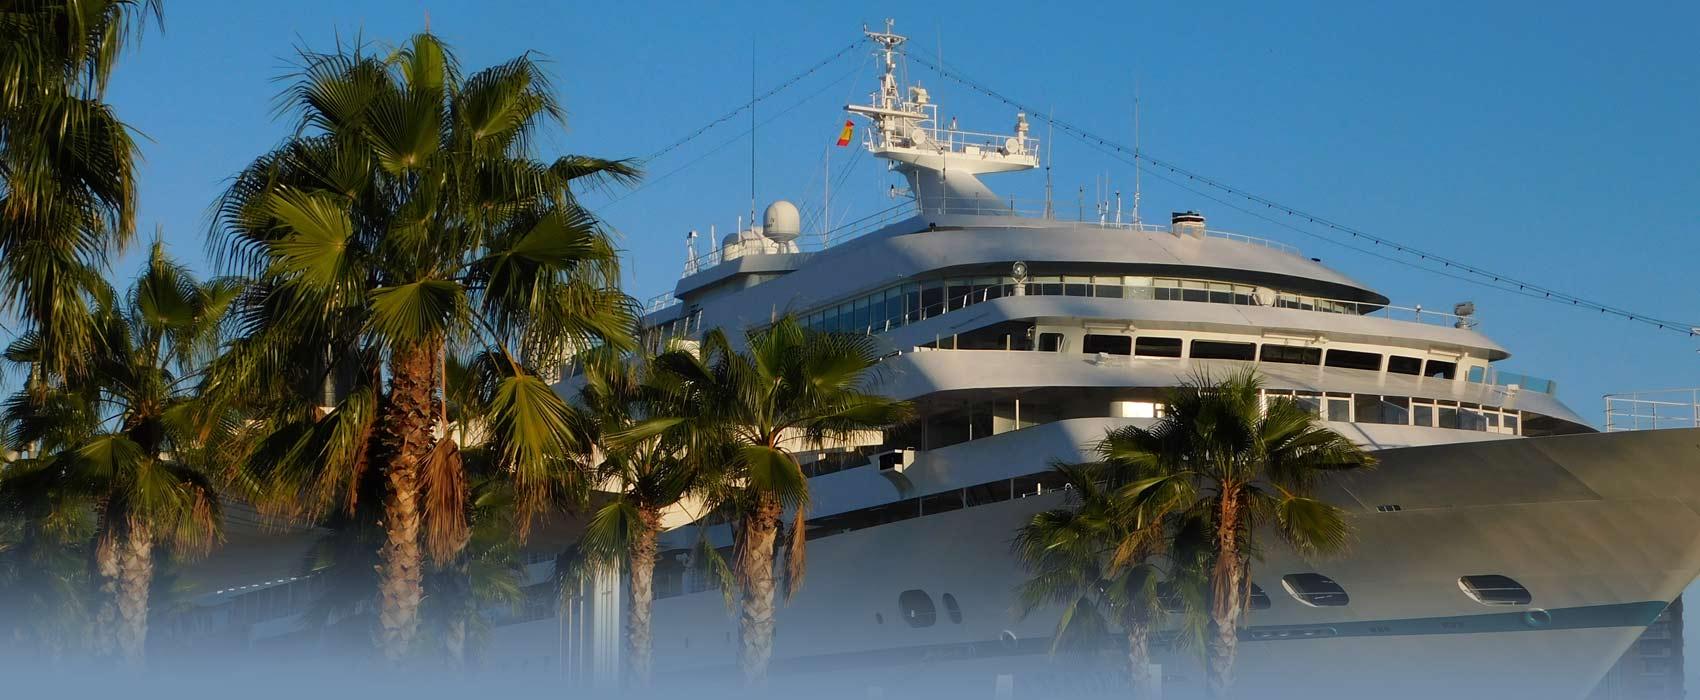 Ein Passagier- Schiff im Hafen von Malaga